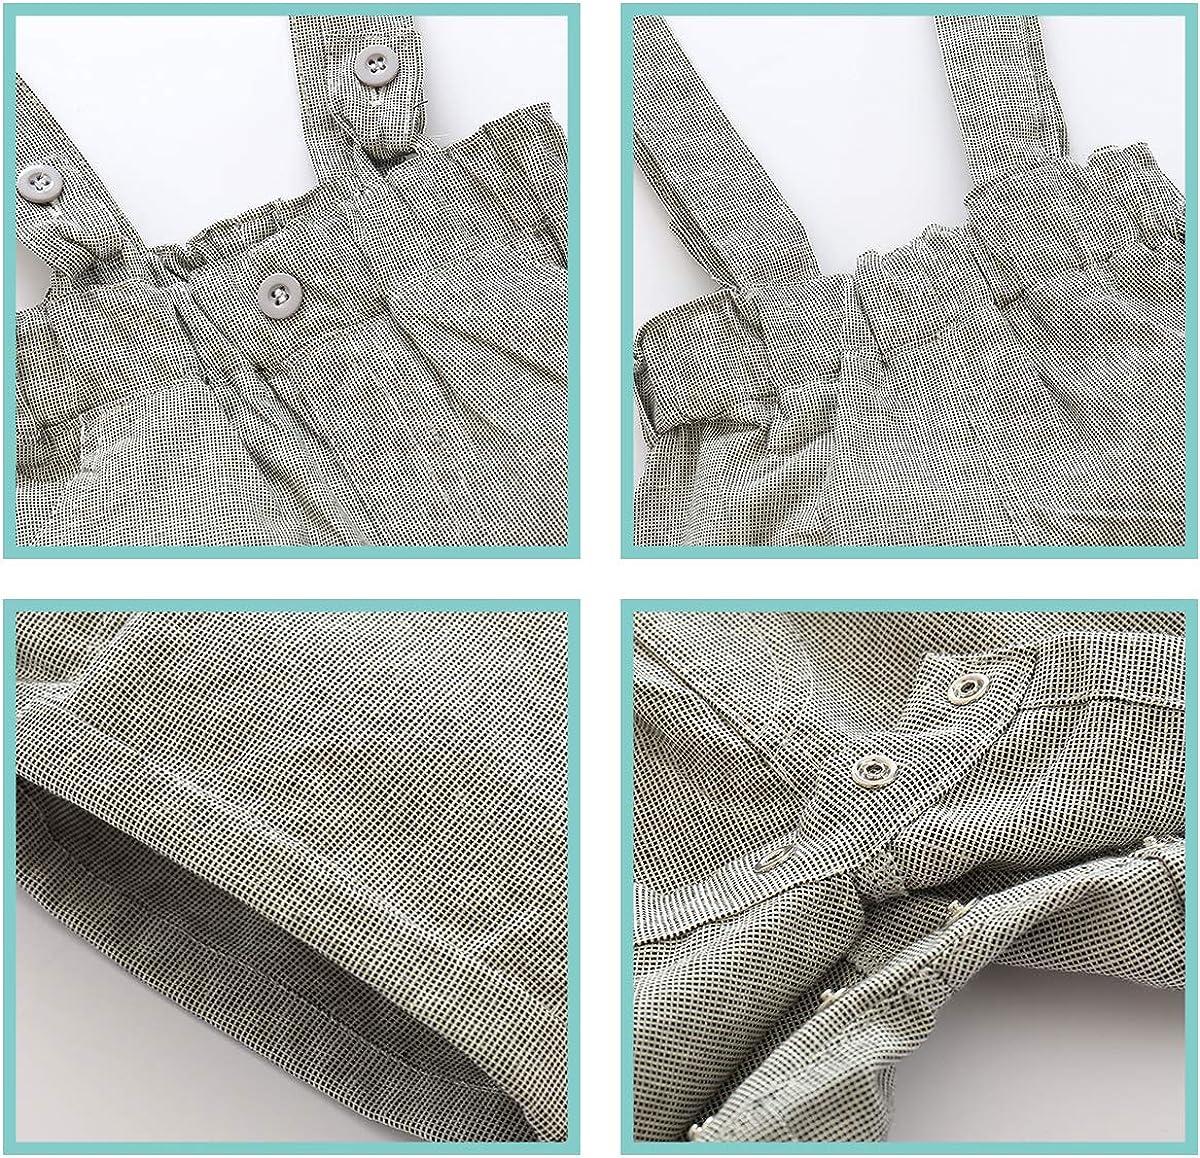 Formale Kids Party Outfit Set Abbigliamento da Uomo 0-24 M LEHOUR Neonati 2 Pezzi Tute da Battesimo Bowtie T-Shirt Top Bretelle Cinghia